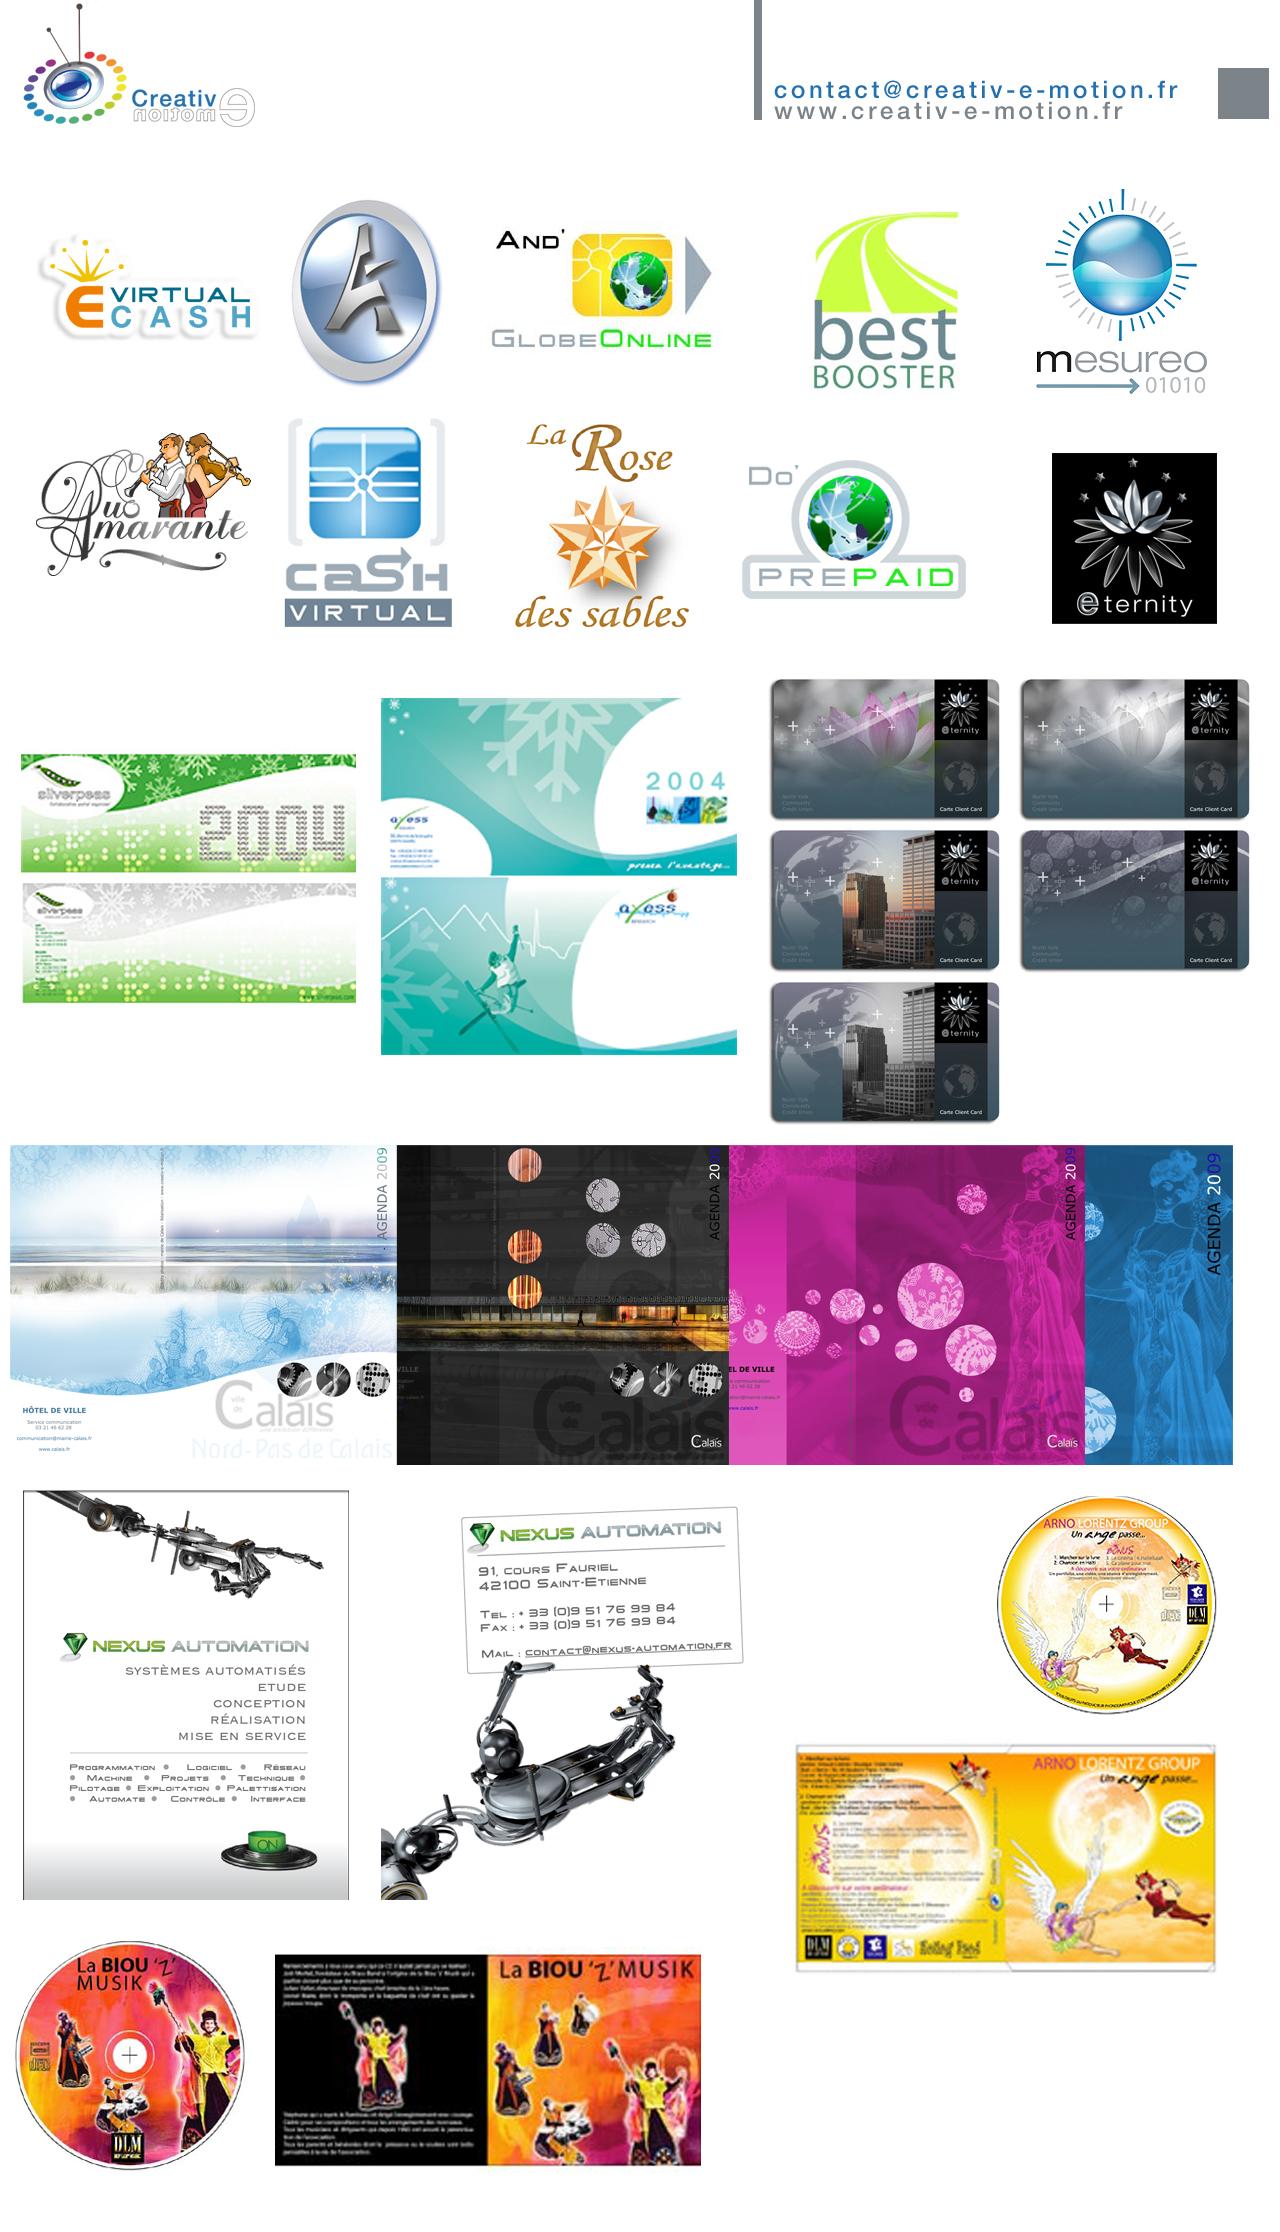 agence web Webdesign Webdesigner communication creation site web design Lyon création rhône 69 graphisme identités visuelles logotypes plaquettes pochettes cd cartes de voeux graphiste portfolio book